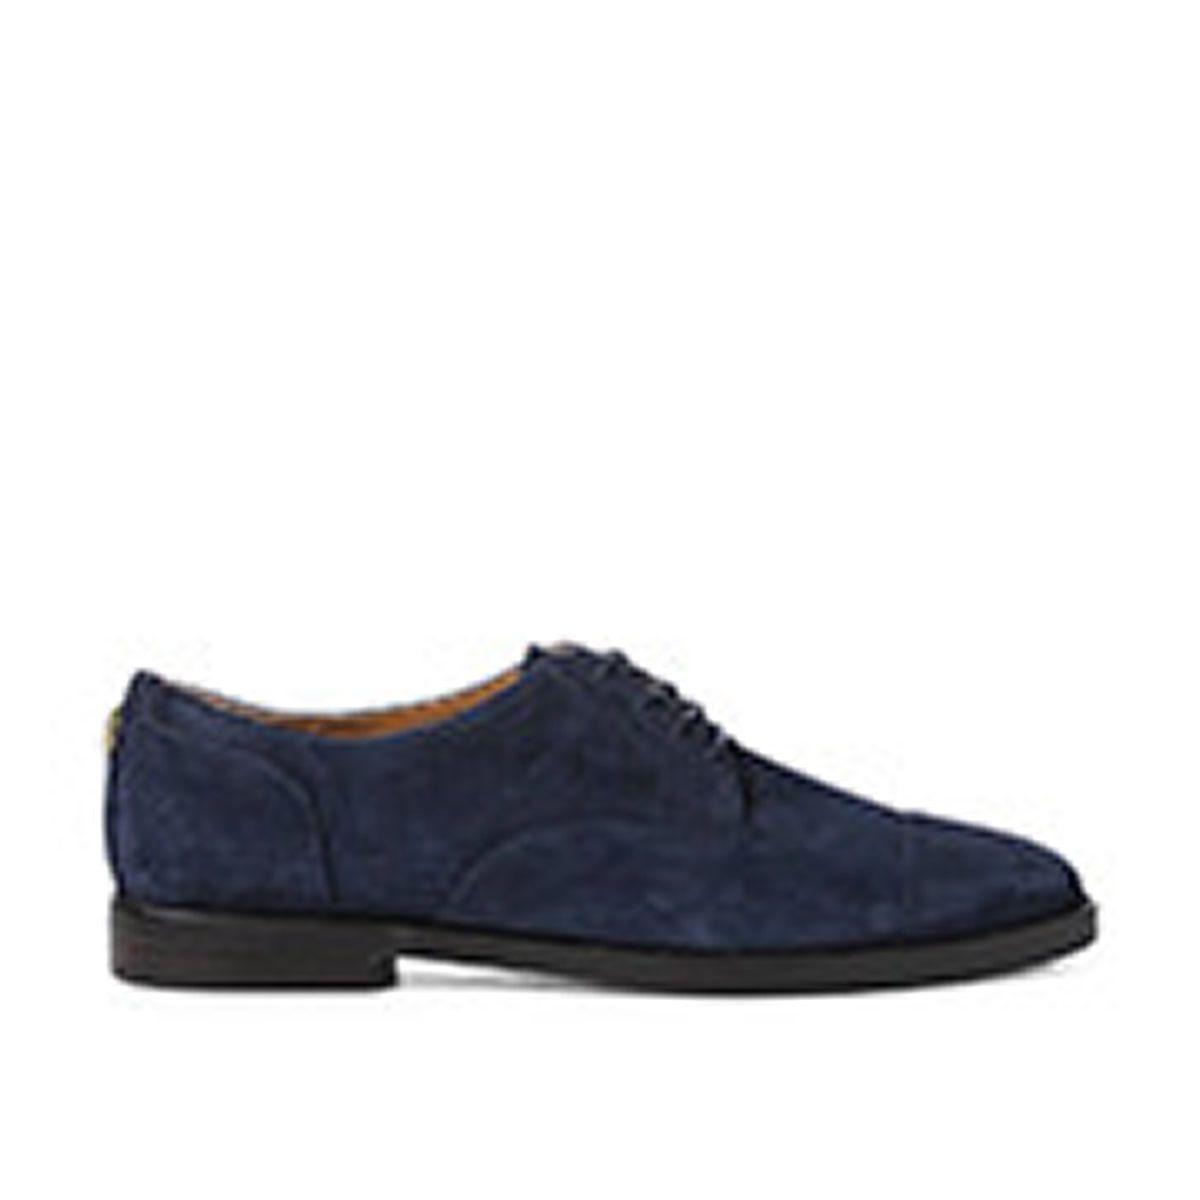 e57201f0cd Lauren by Ralph Lauren Shoes - Macy's